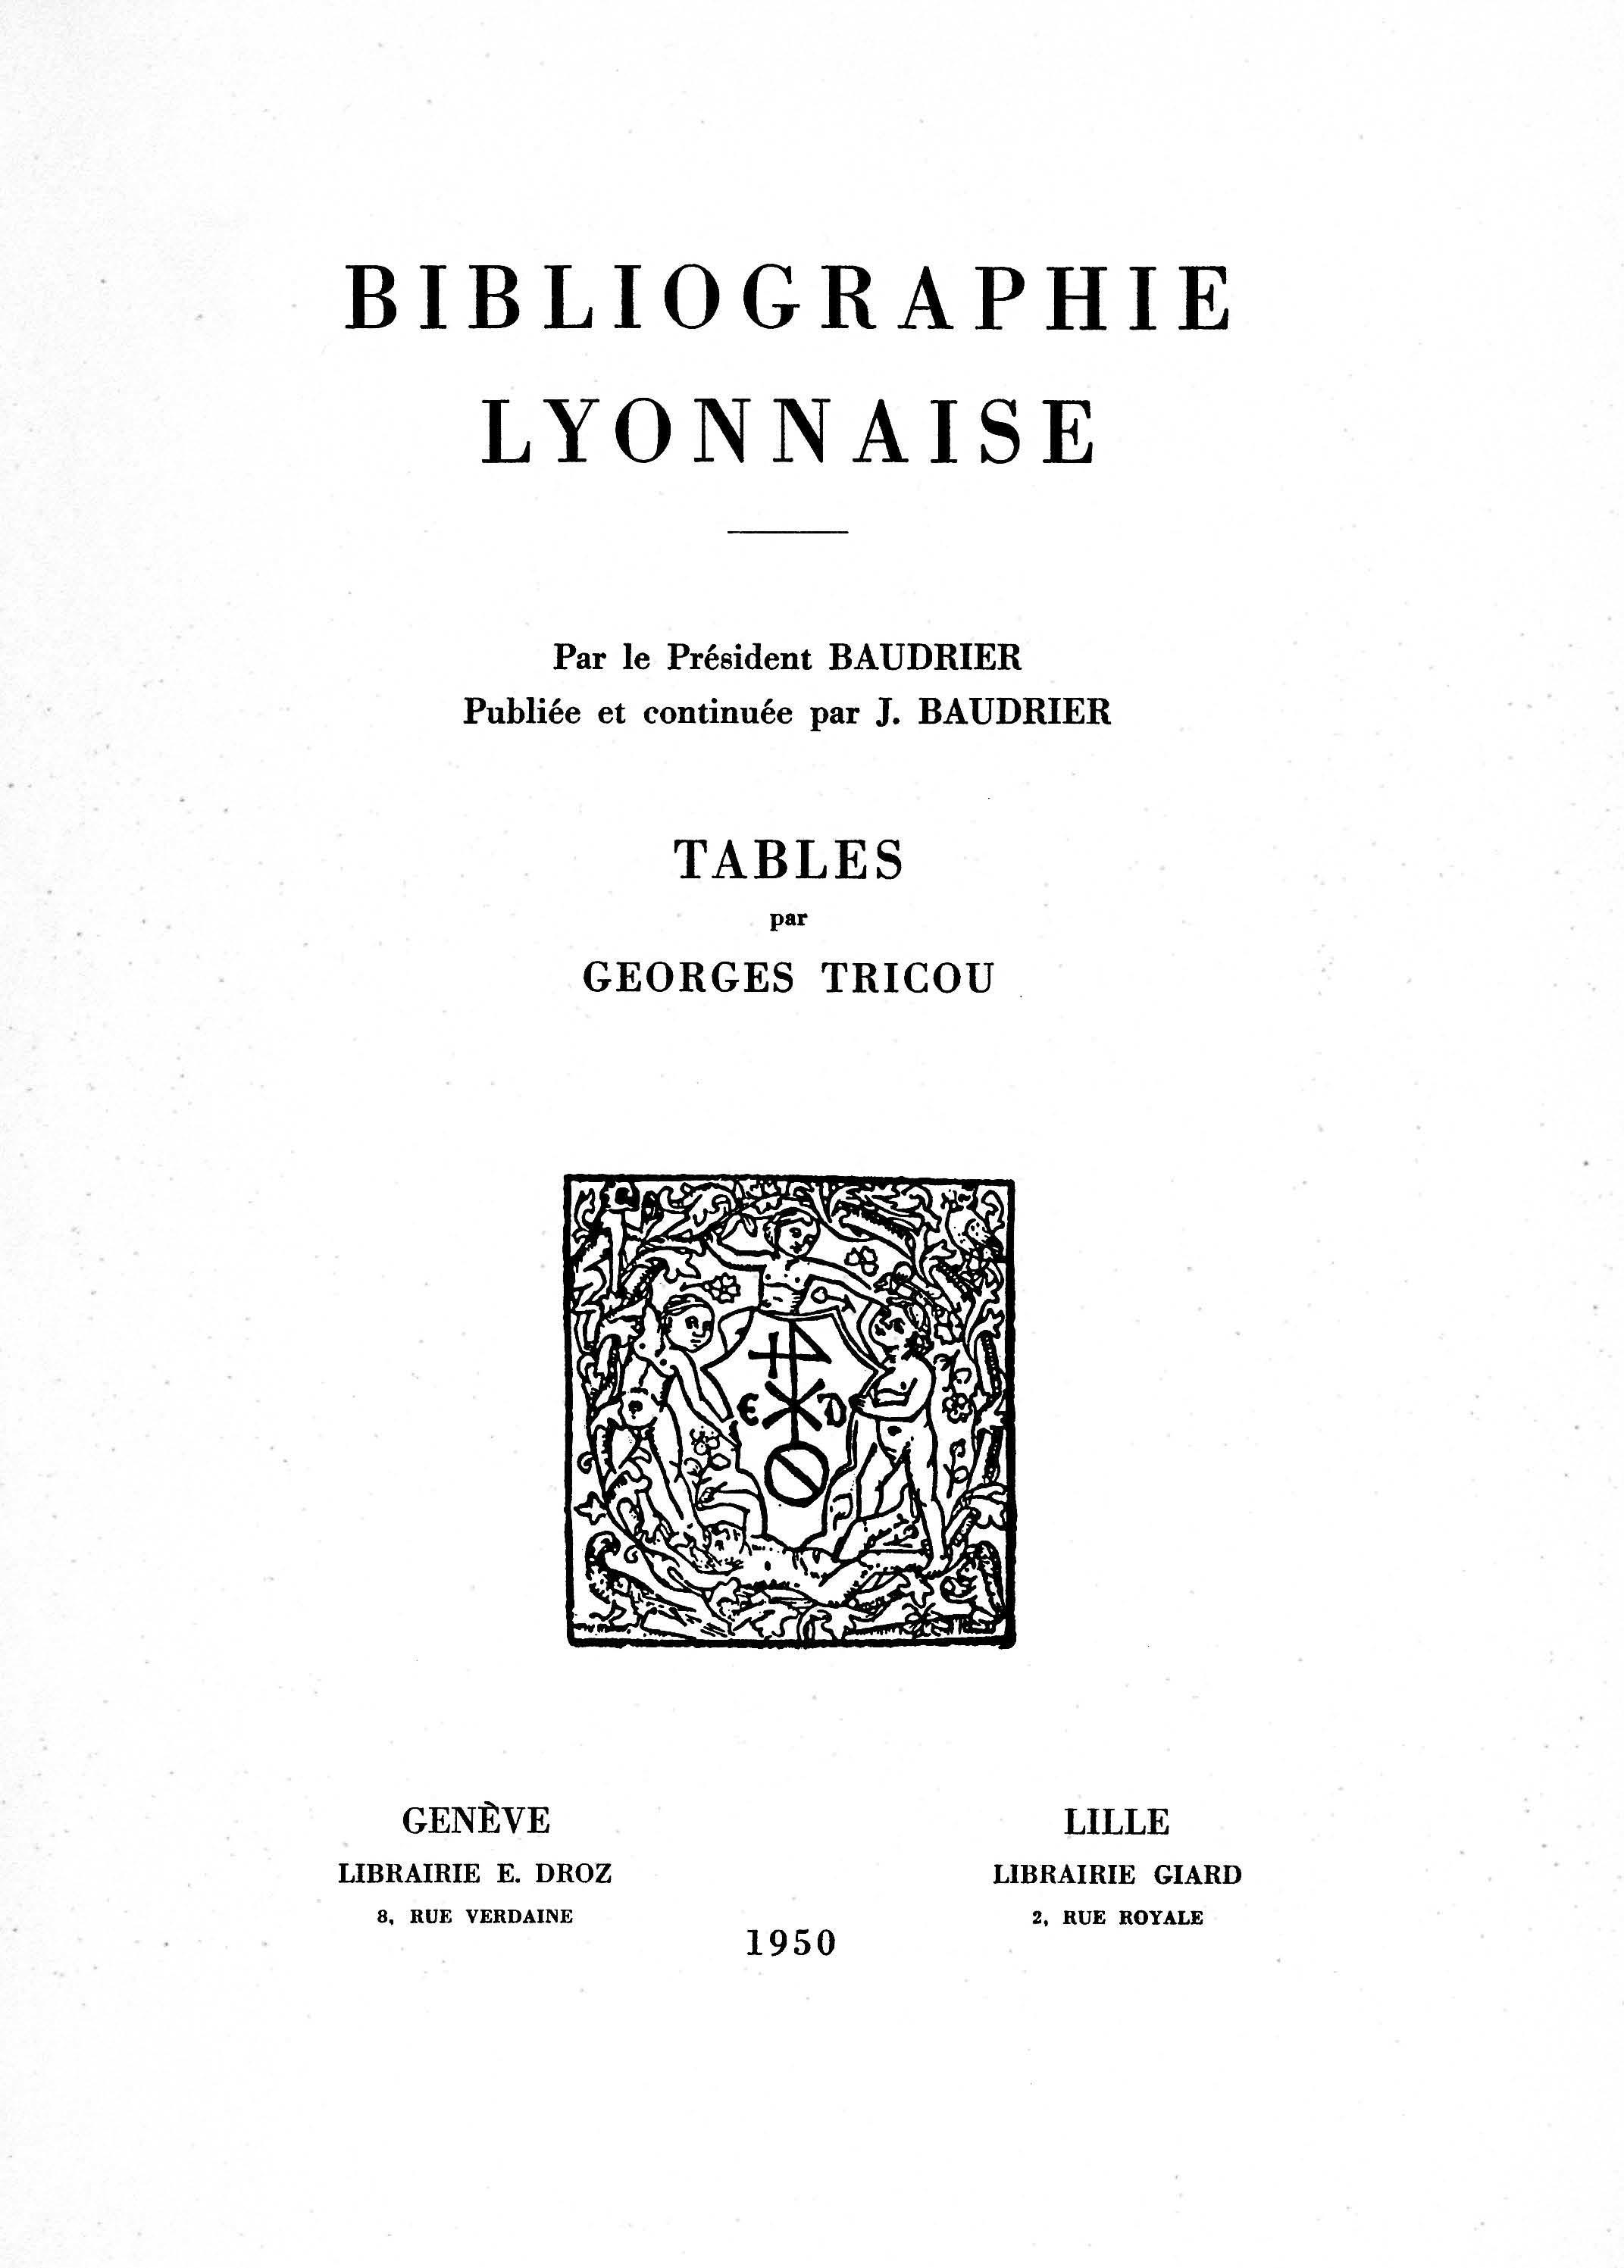 Bibliographie lyonnaise par le président Baudrier : tables  - Georges Tricou